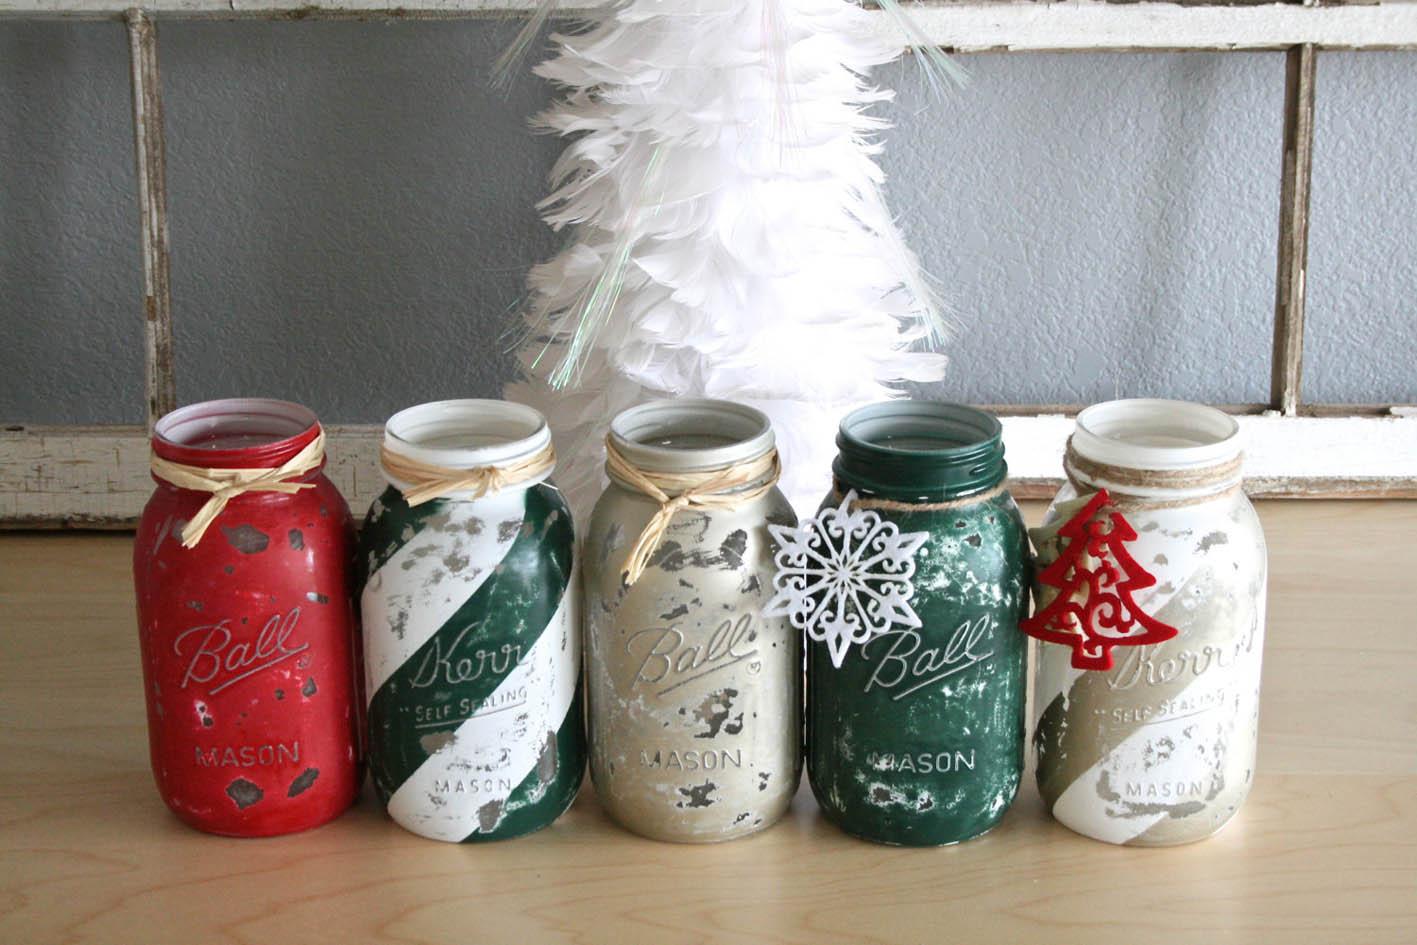 Idee Creative Per Natale trasformare i barattoli in decorazioni natalizie